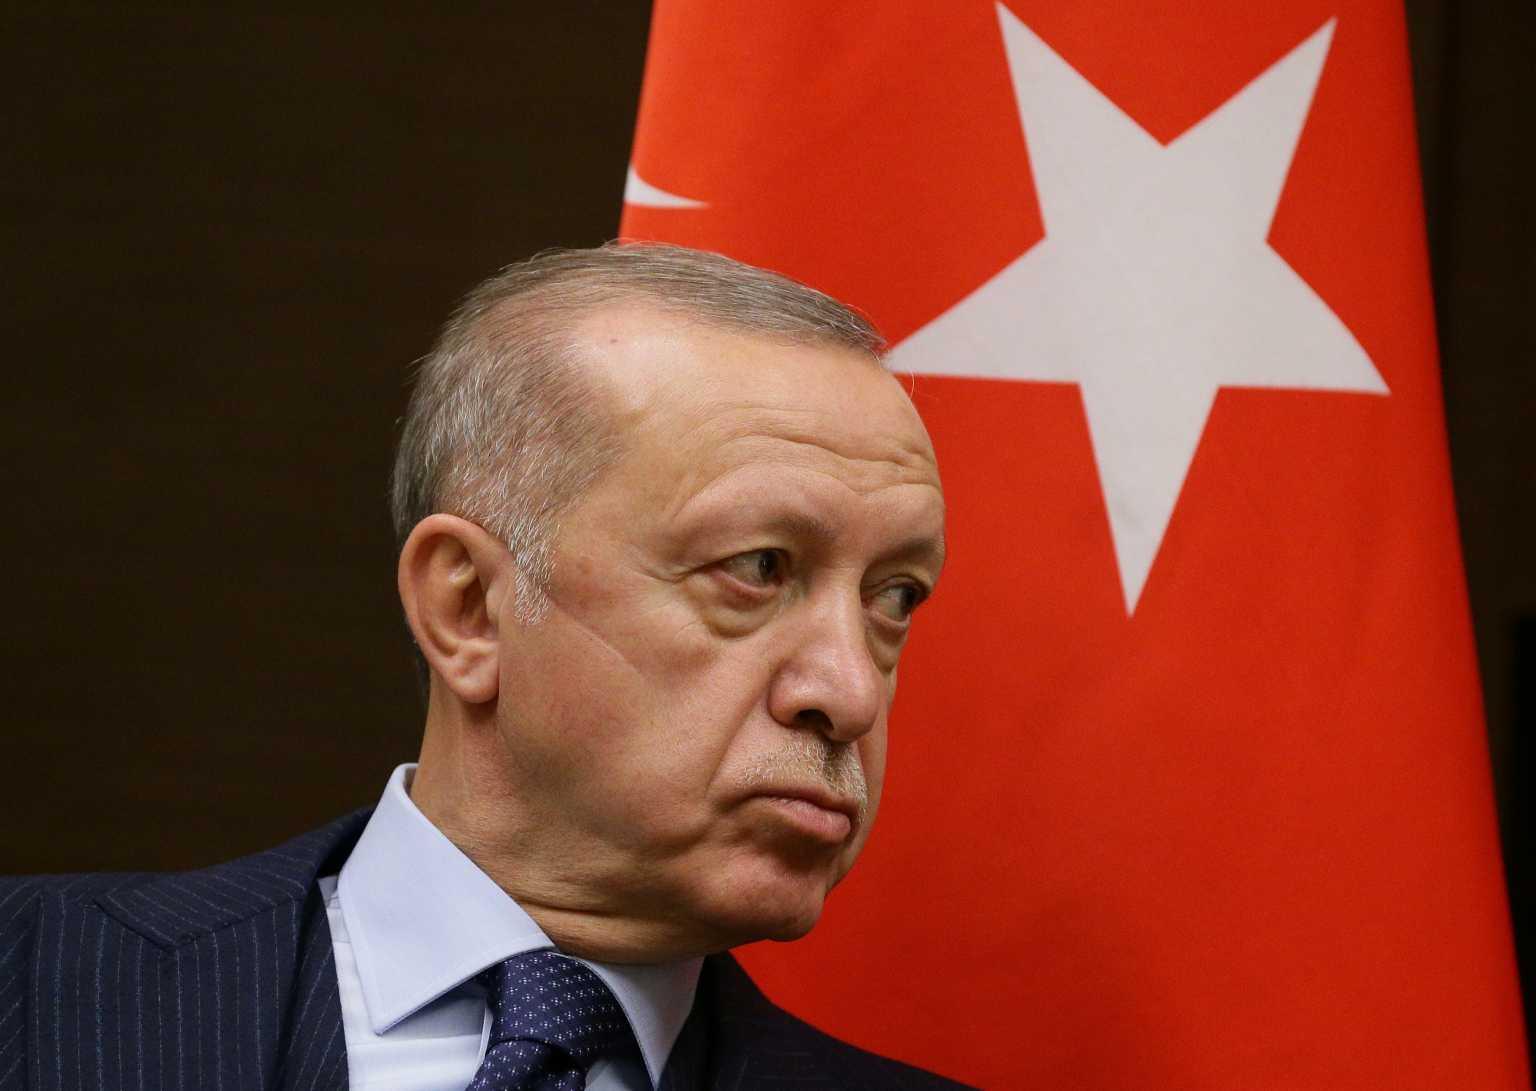 Ερντογάν για ΗΠΑ: Θα πάρουμε πίσω τα λεφτά που δώσαμε για τα F-35